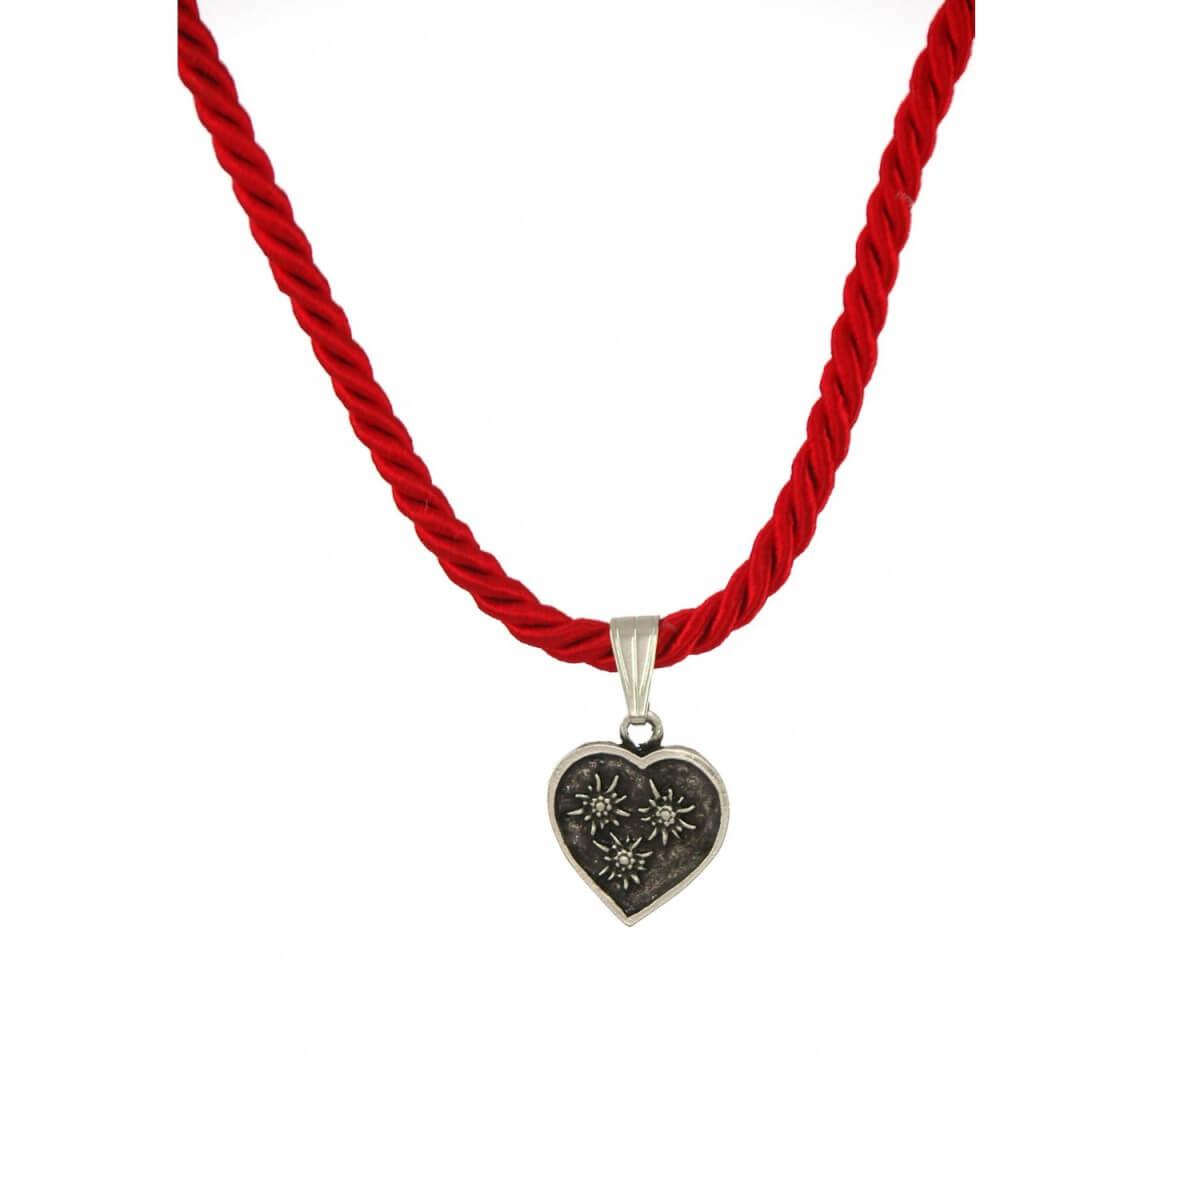 Trachtenkette in Rot mit Herzanhänger